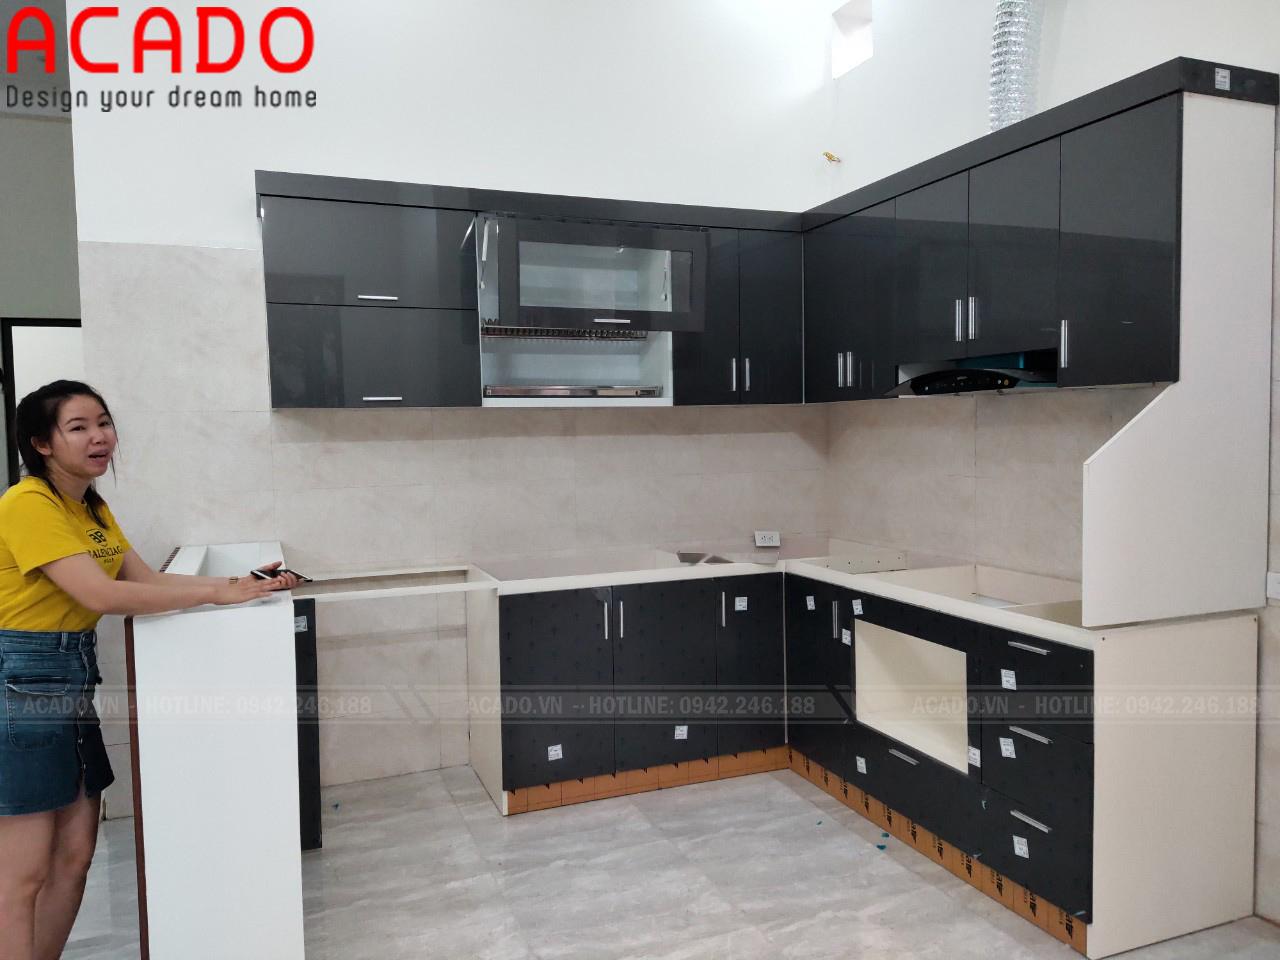 Nội thất ACADO đơn vị chuyên thi công tủ bếp Acrylic